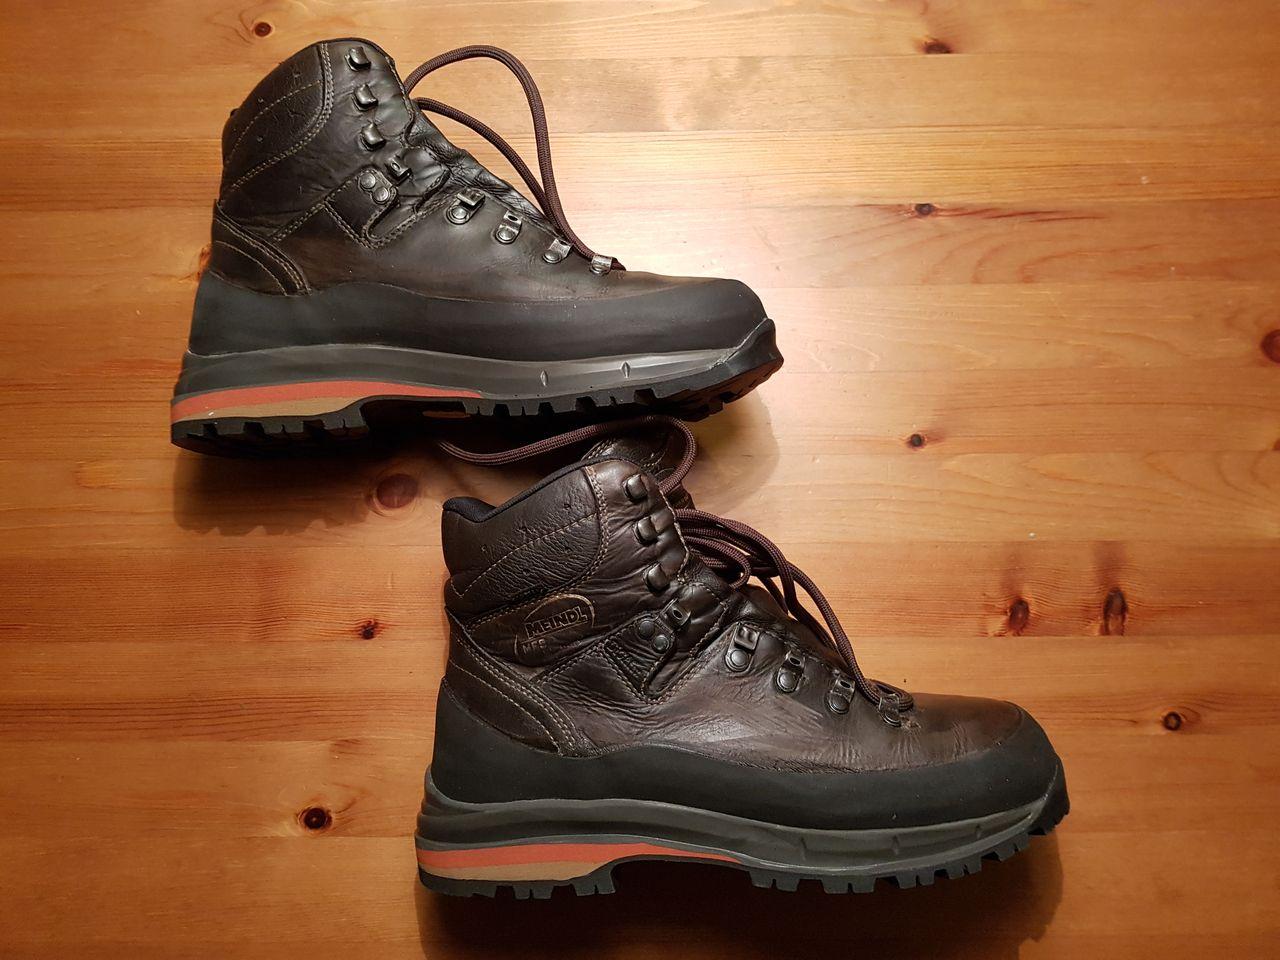 Wanderschuhe – Sohle kaputt – Neue Schuhe kaufen oder